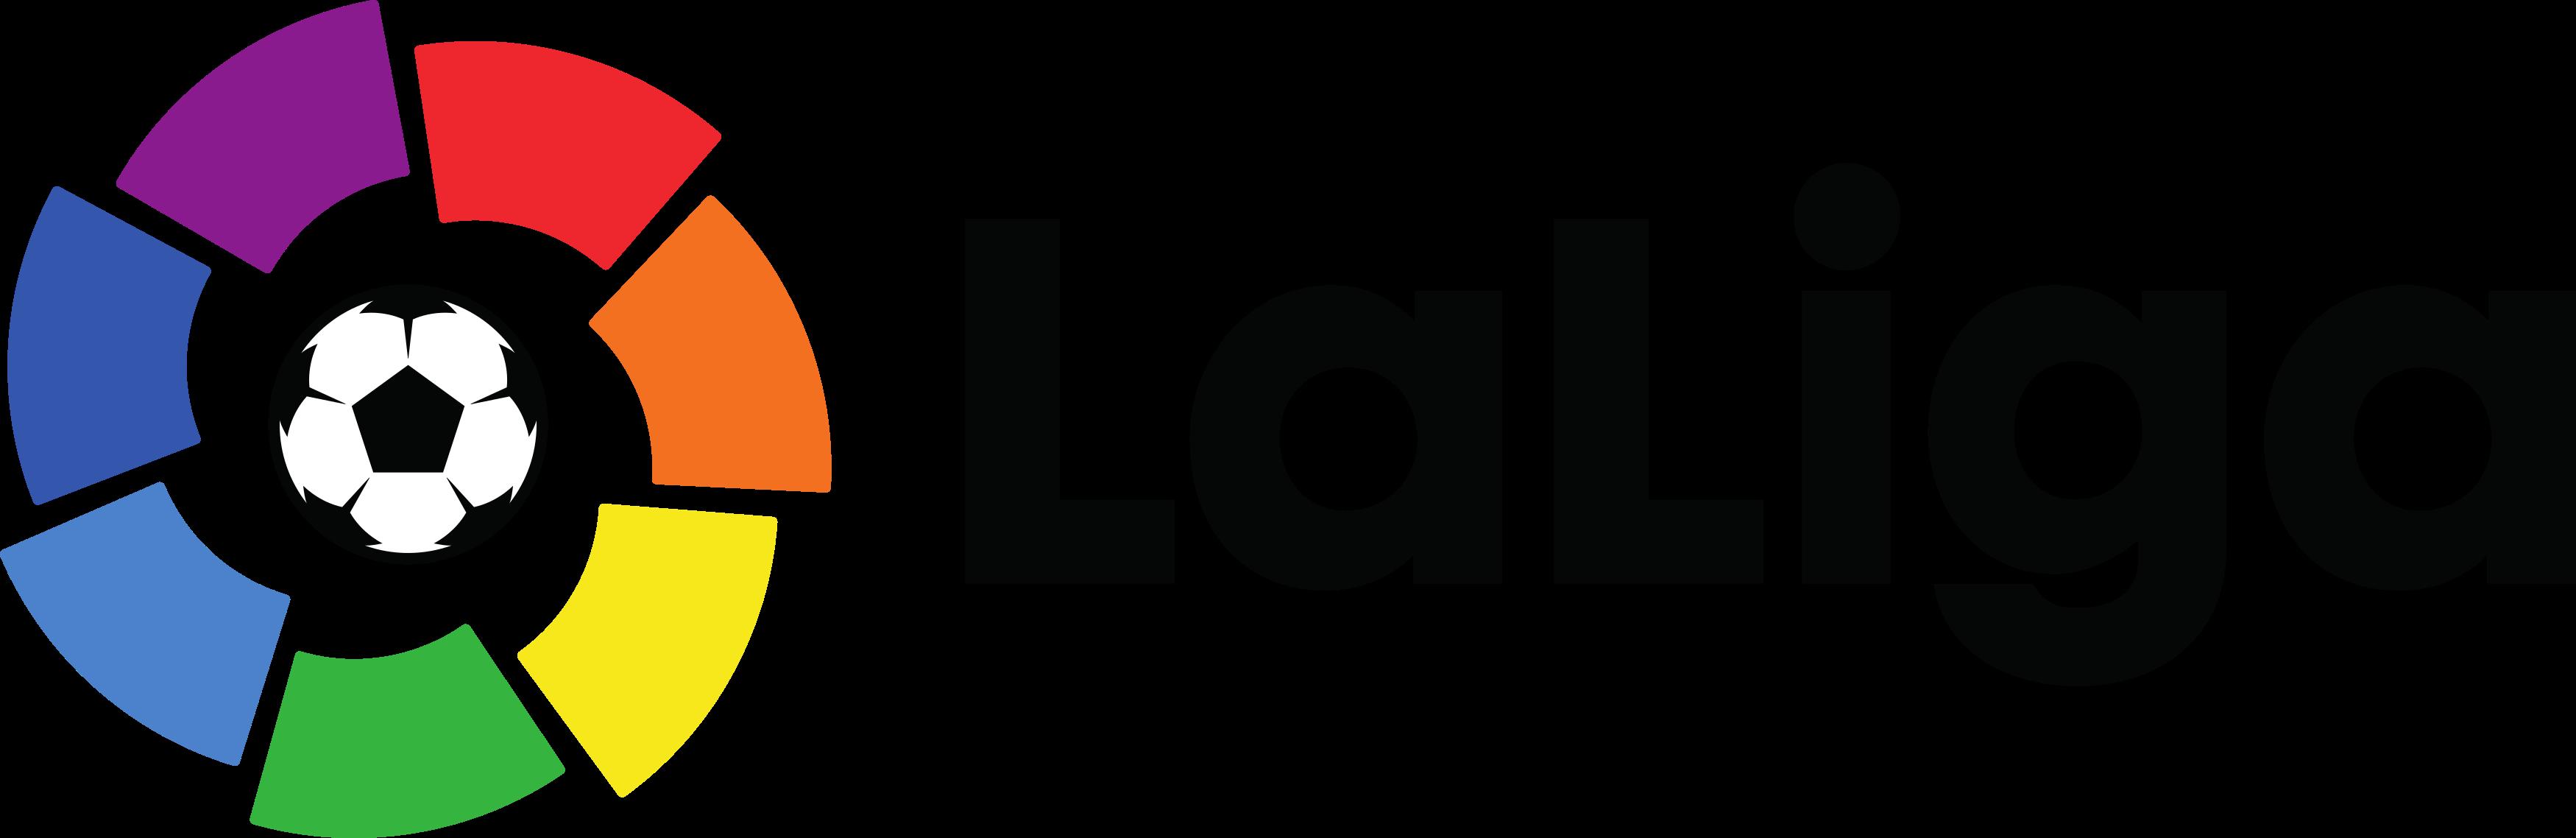 Resultado de imagem para FUTEBOL - ESPANHOL - LOGOS                              LaLIGA - LOGOS